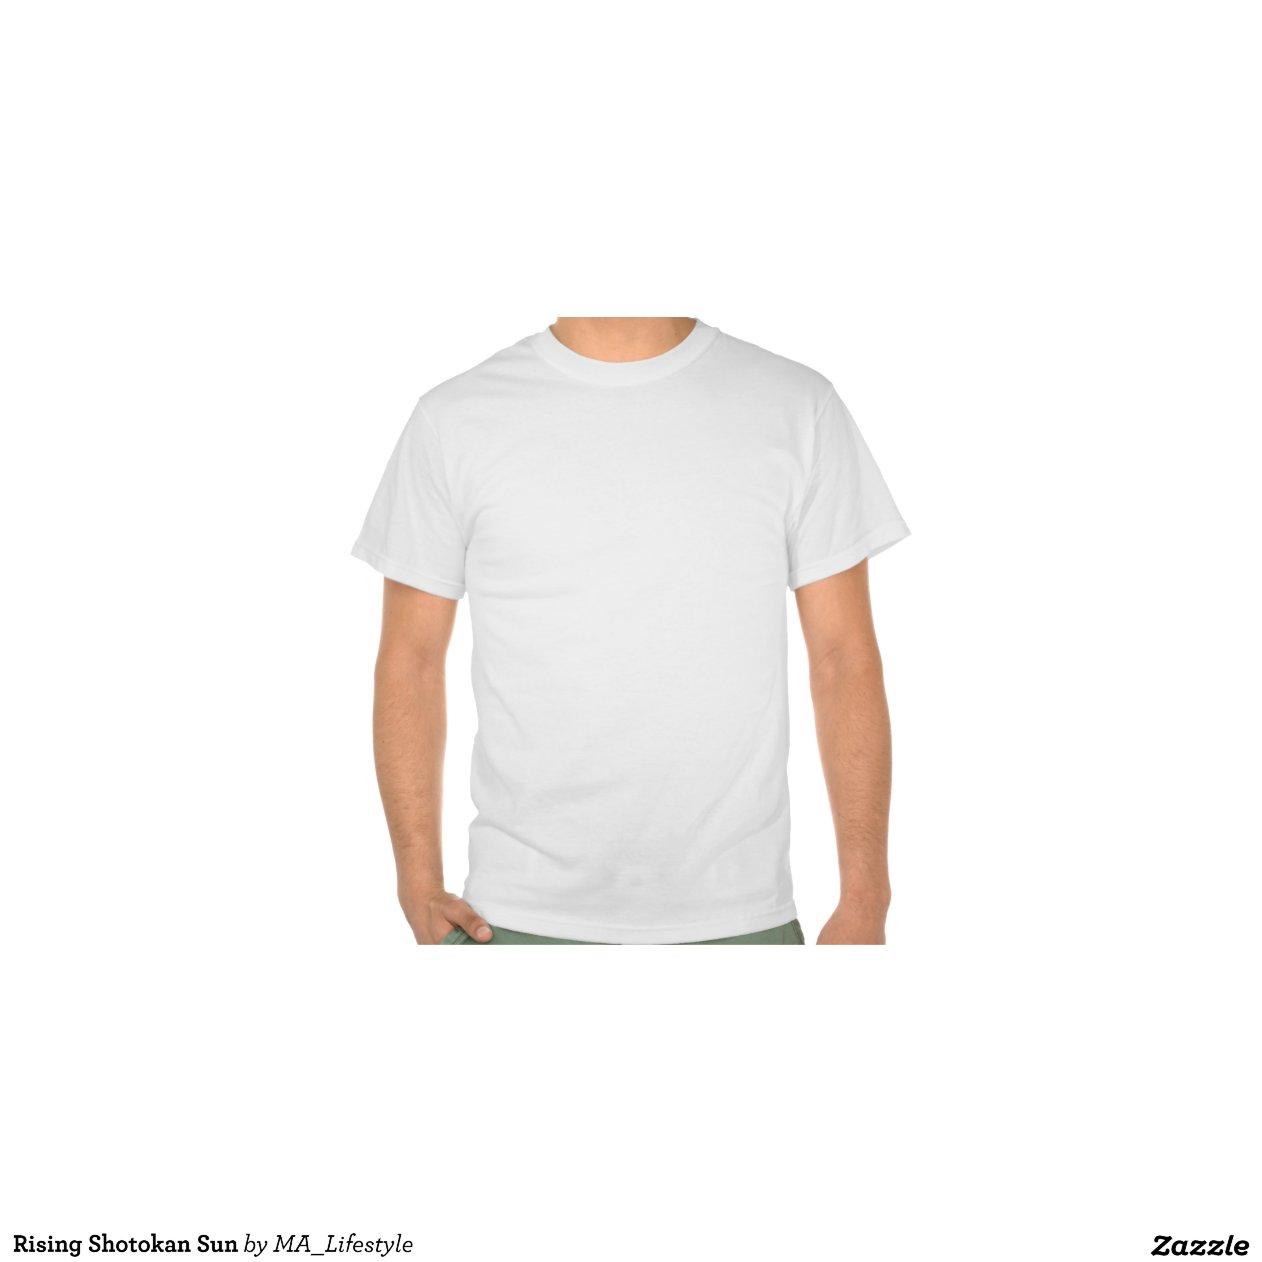 Rising shotokan sun t shirts zazzle for Sun t shirts sunland california